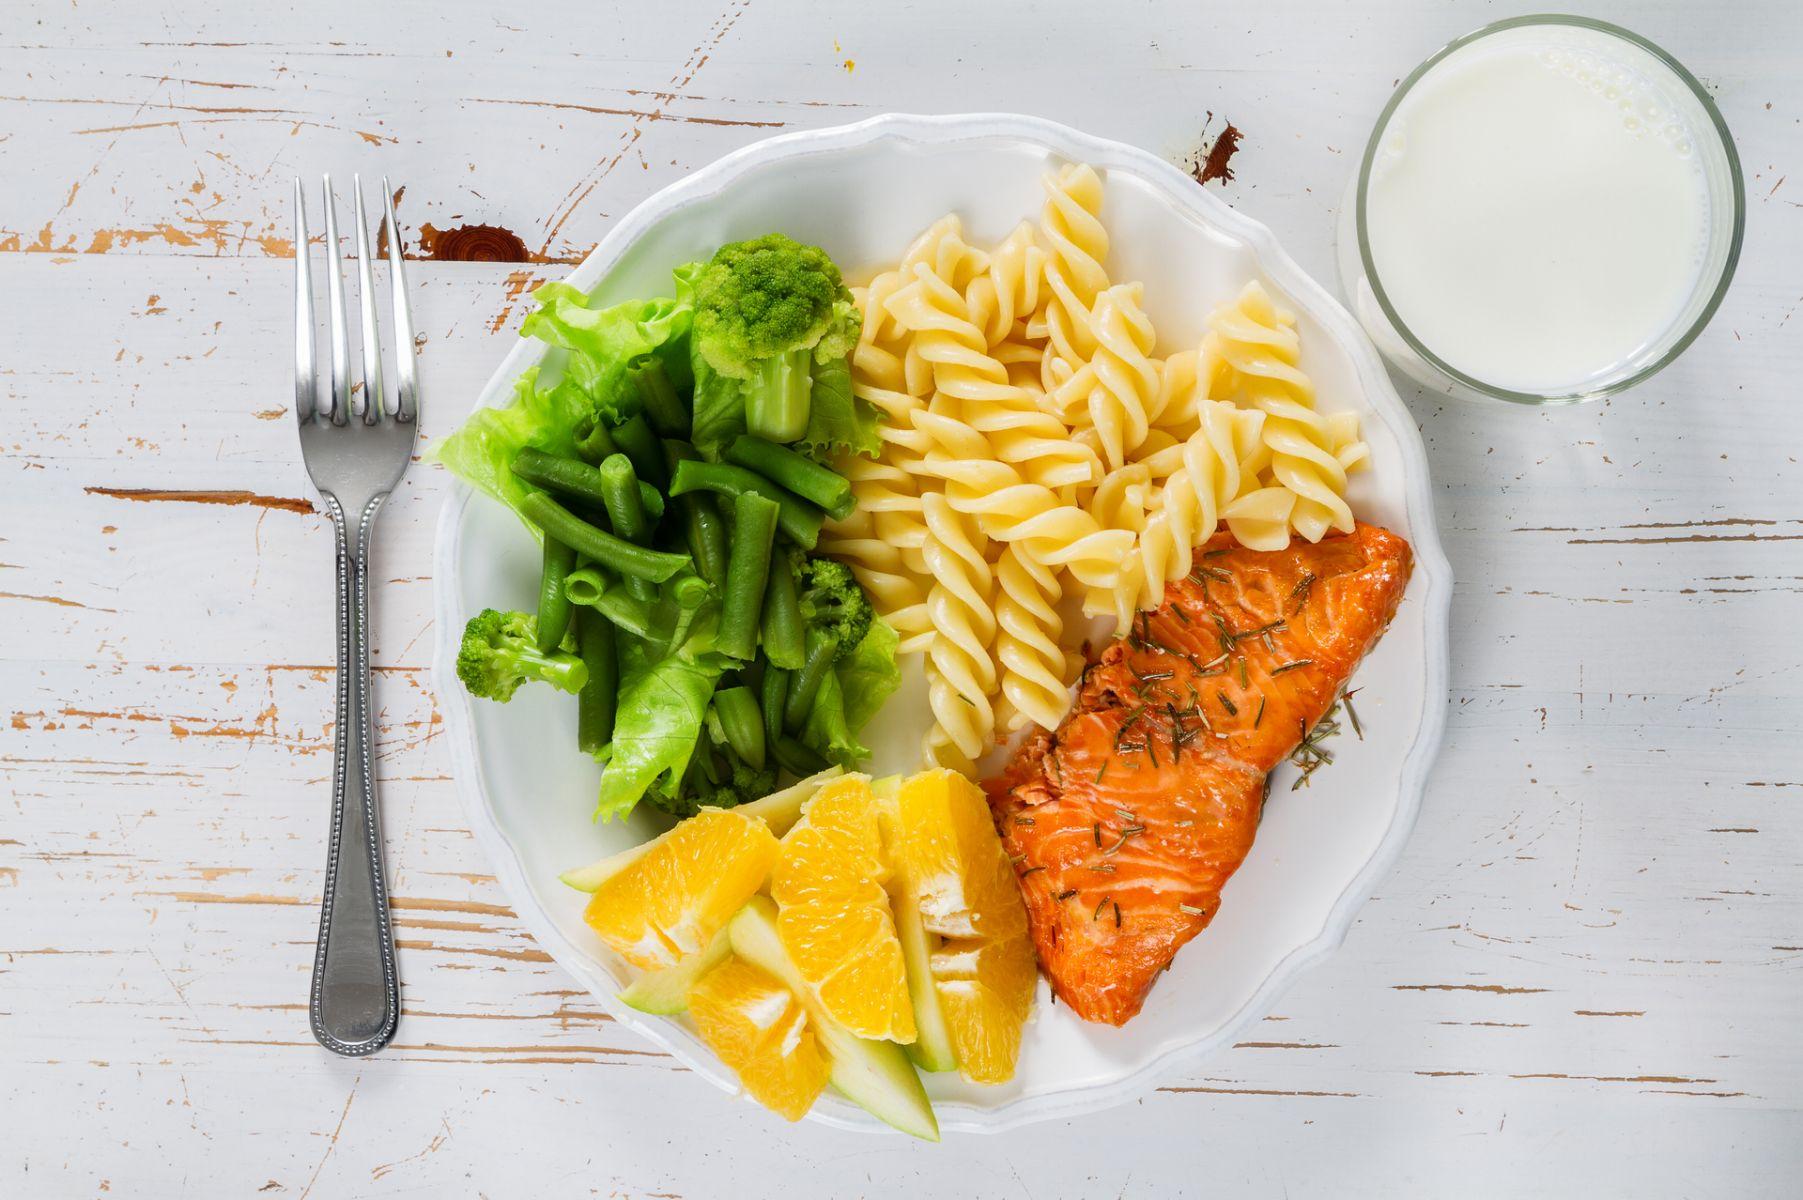 九成民眾堅果、蔬菜吃不夠 「我的餐盤」給你餐餐均衡